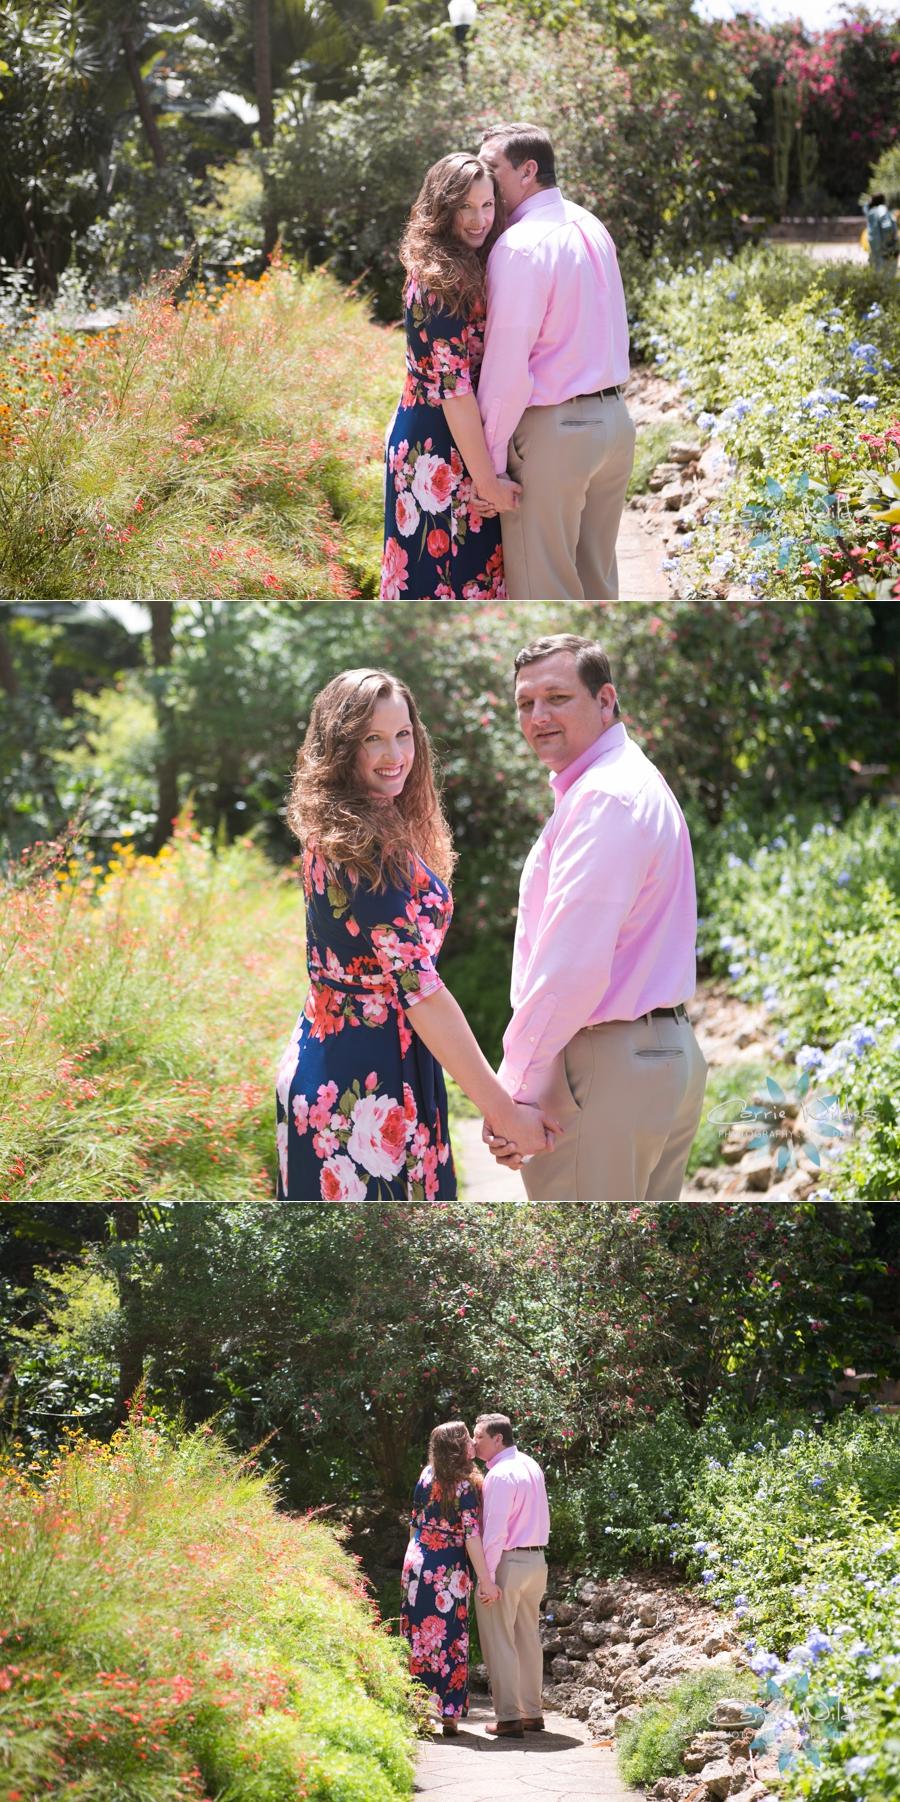 4_30_17 Sunken Gardens Engagement Session_0008.jpg